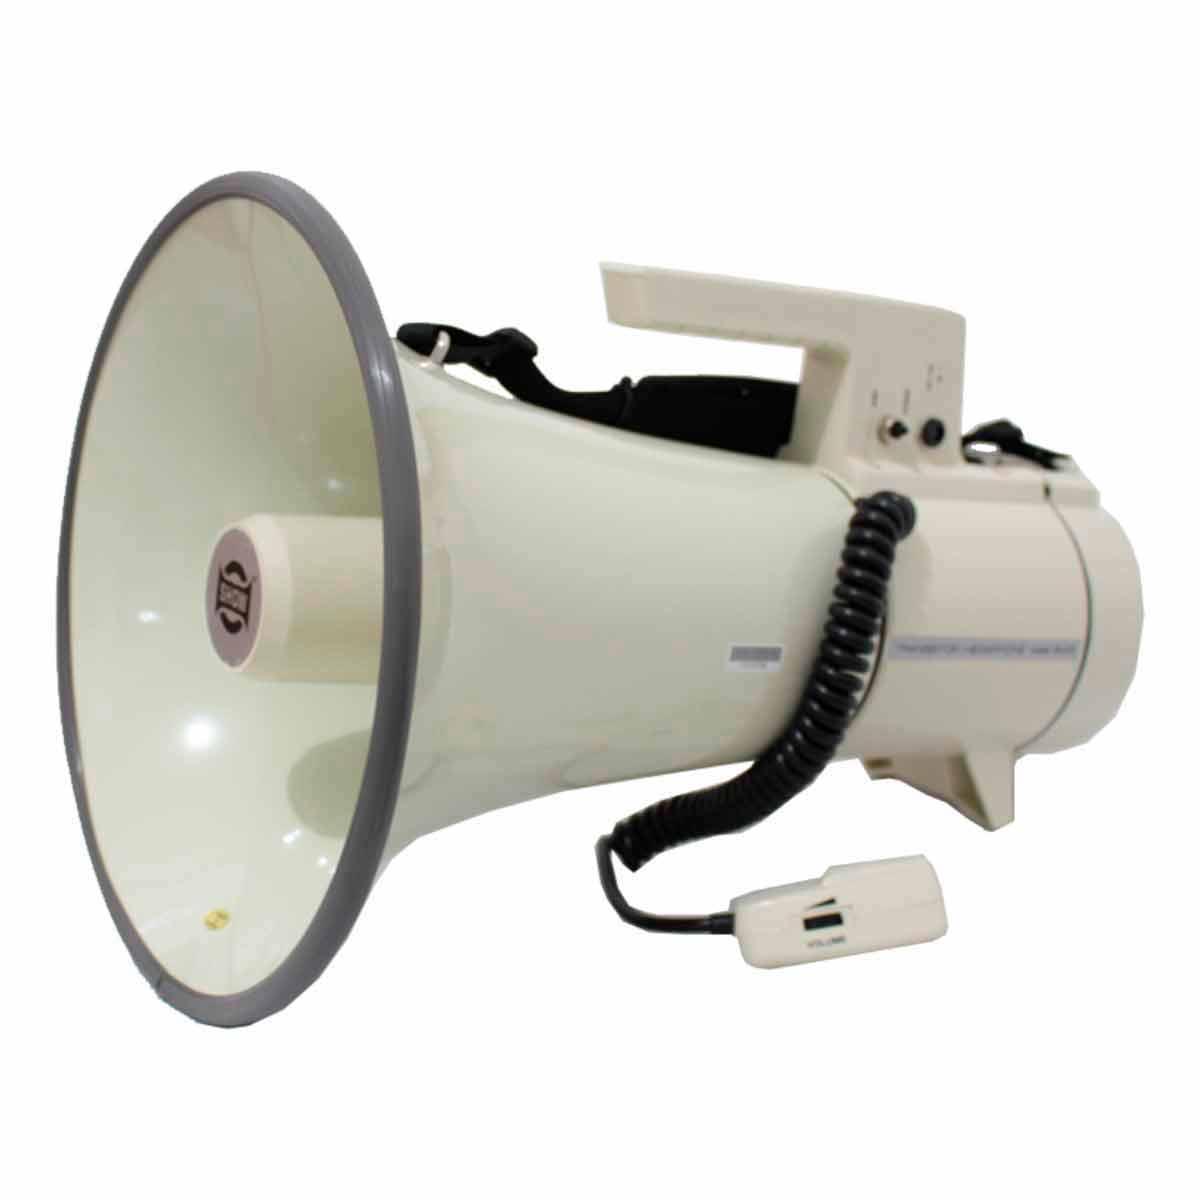 Megafone 35W c/ Microfone de Mão e Sirene ER 67 - CSR